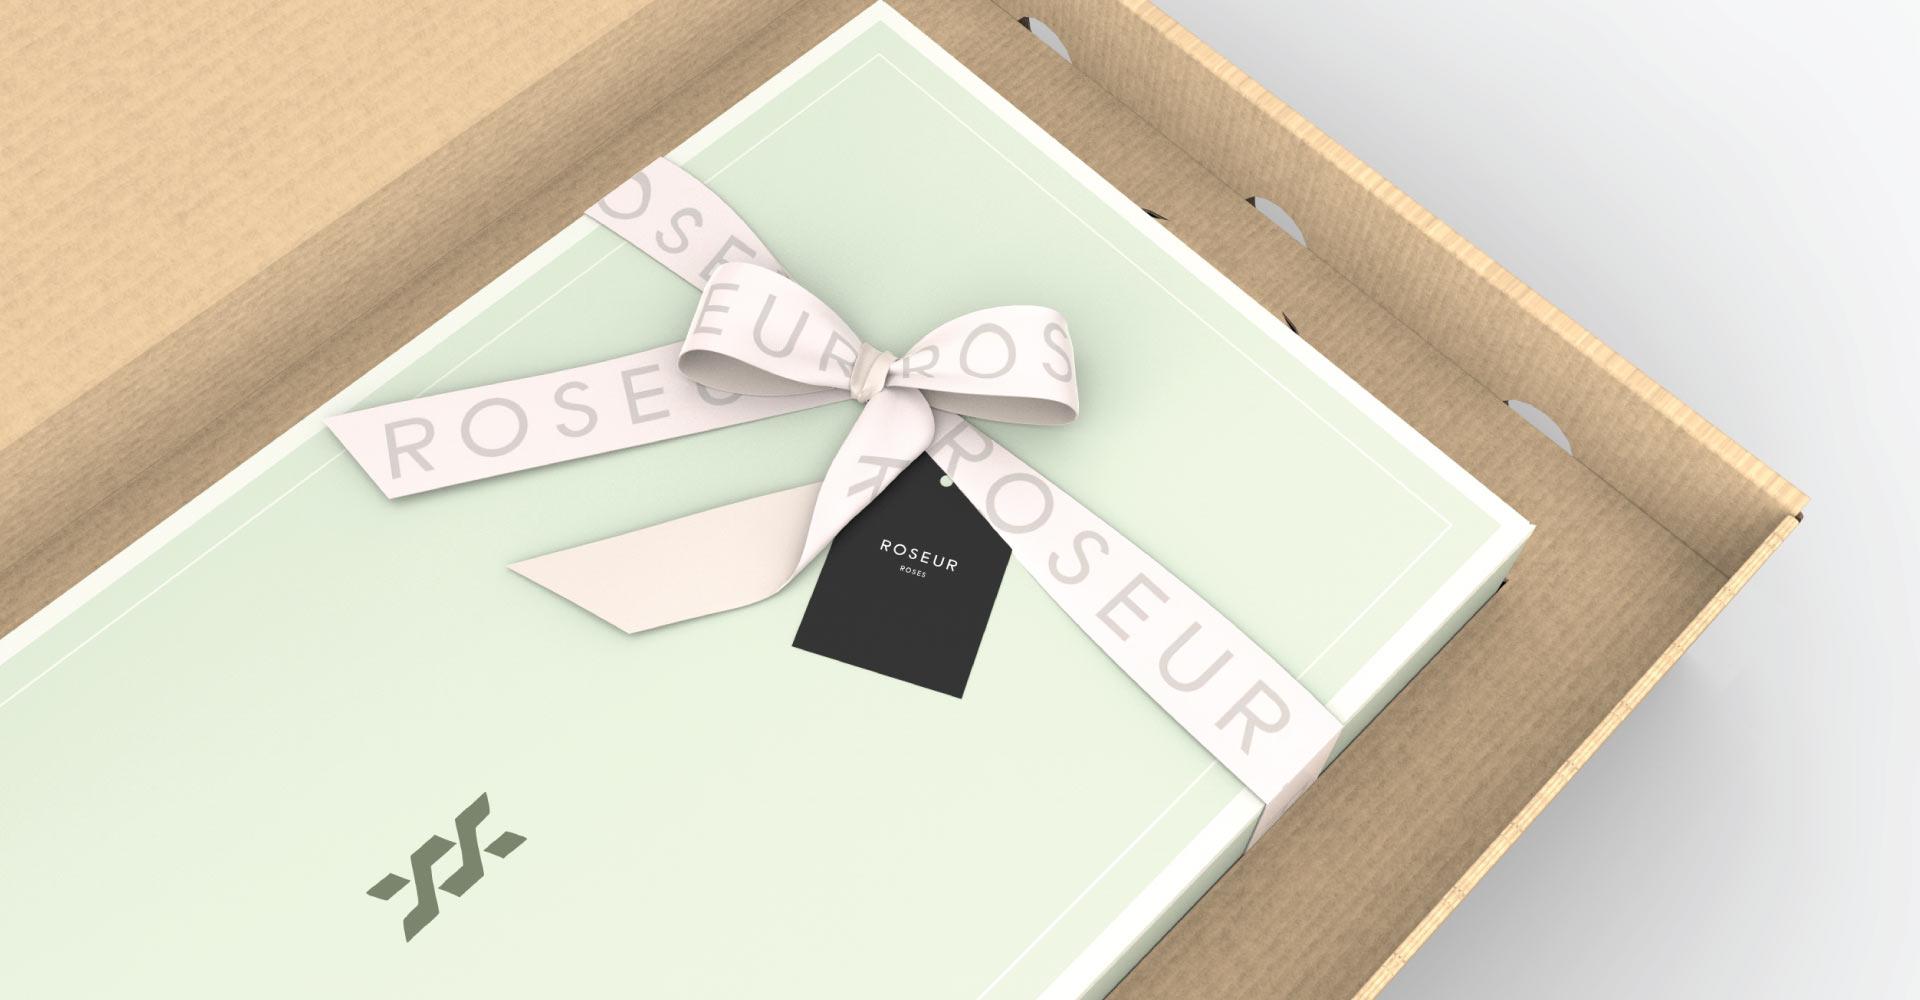 Creative_Retail_Packaging_Custom_Luxury_Packaging_Design_Roseur_07-1.jpg